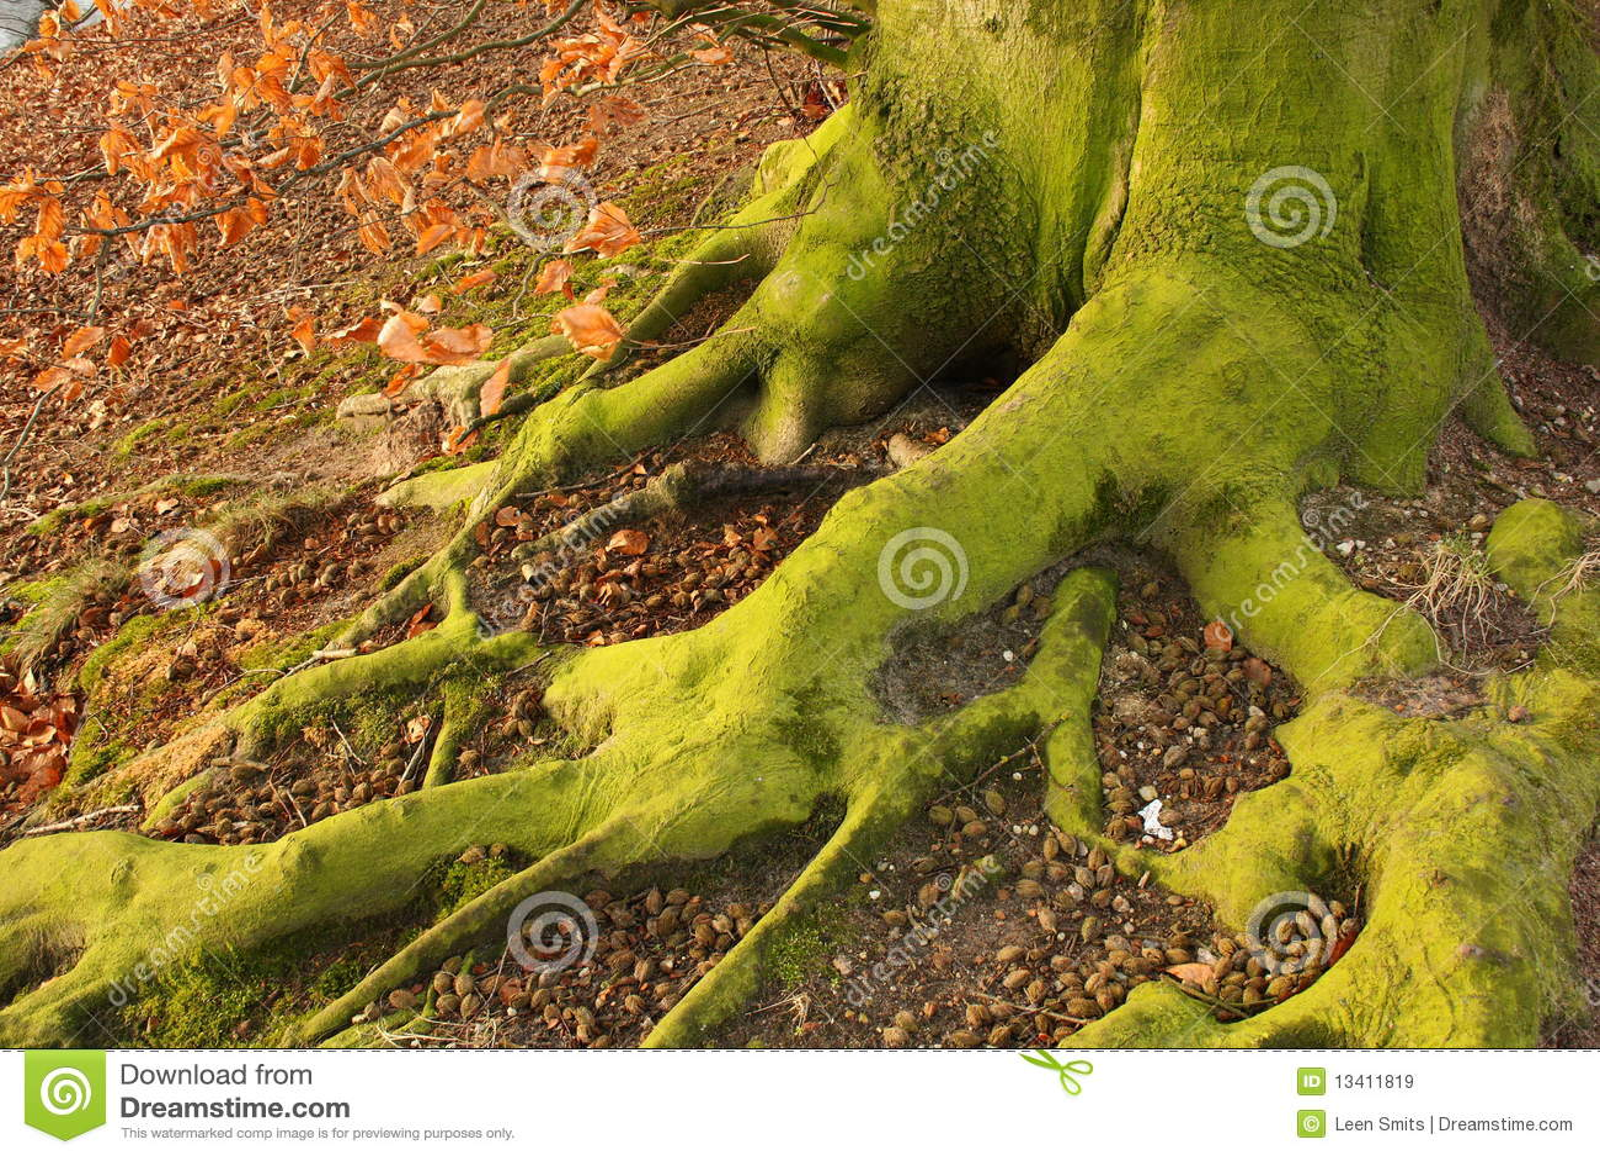 Fot green